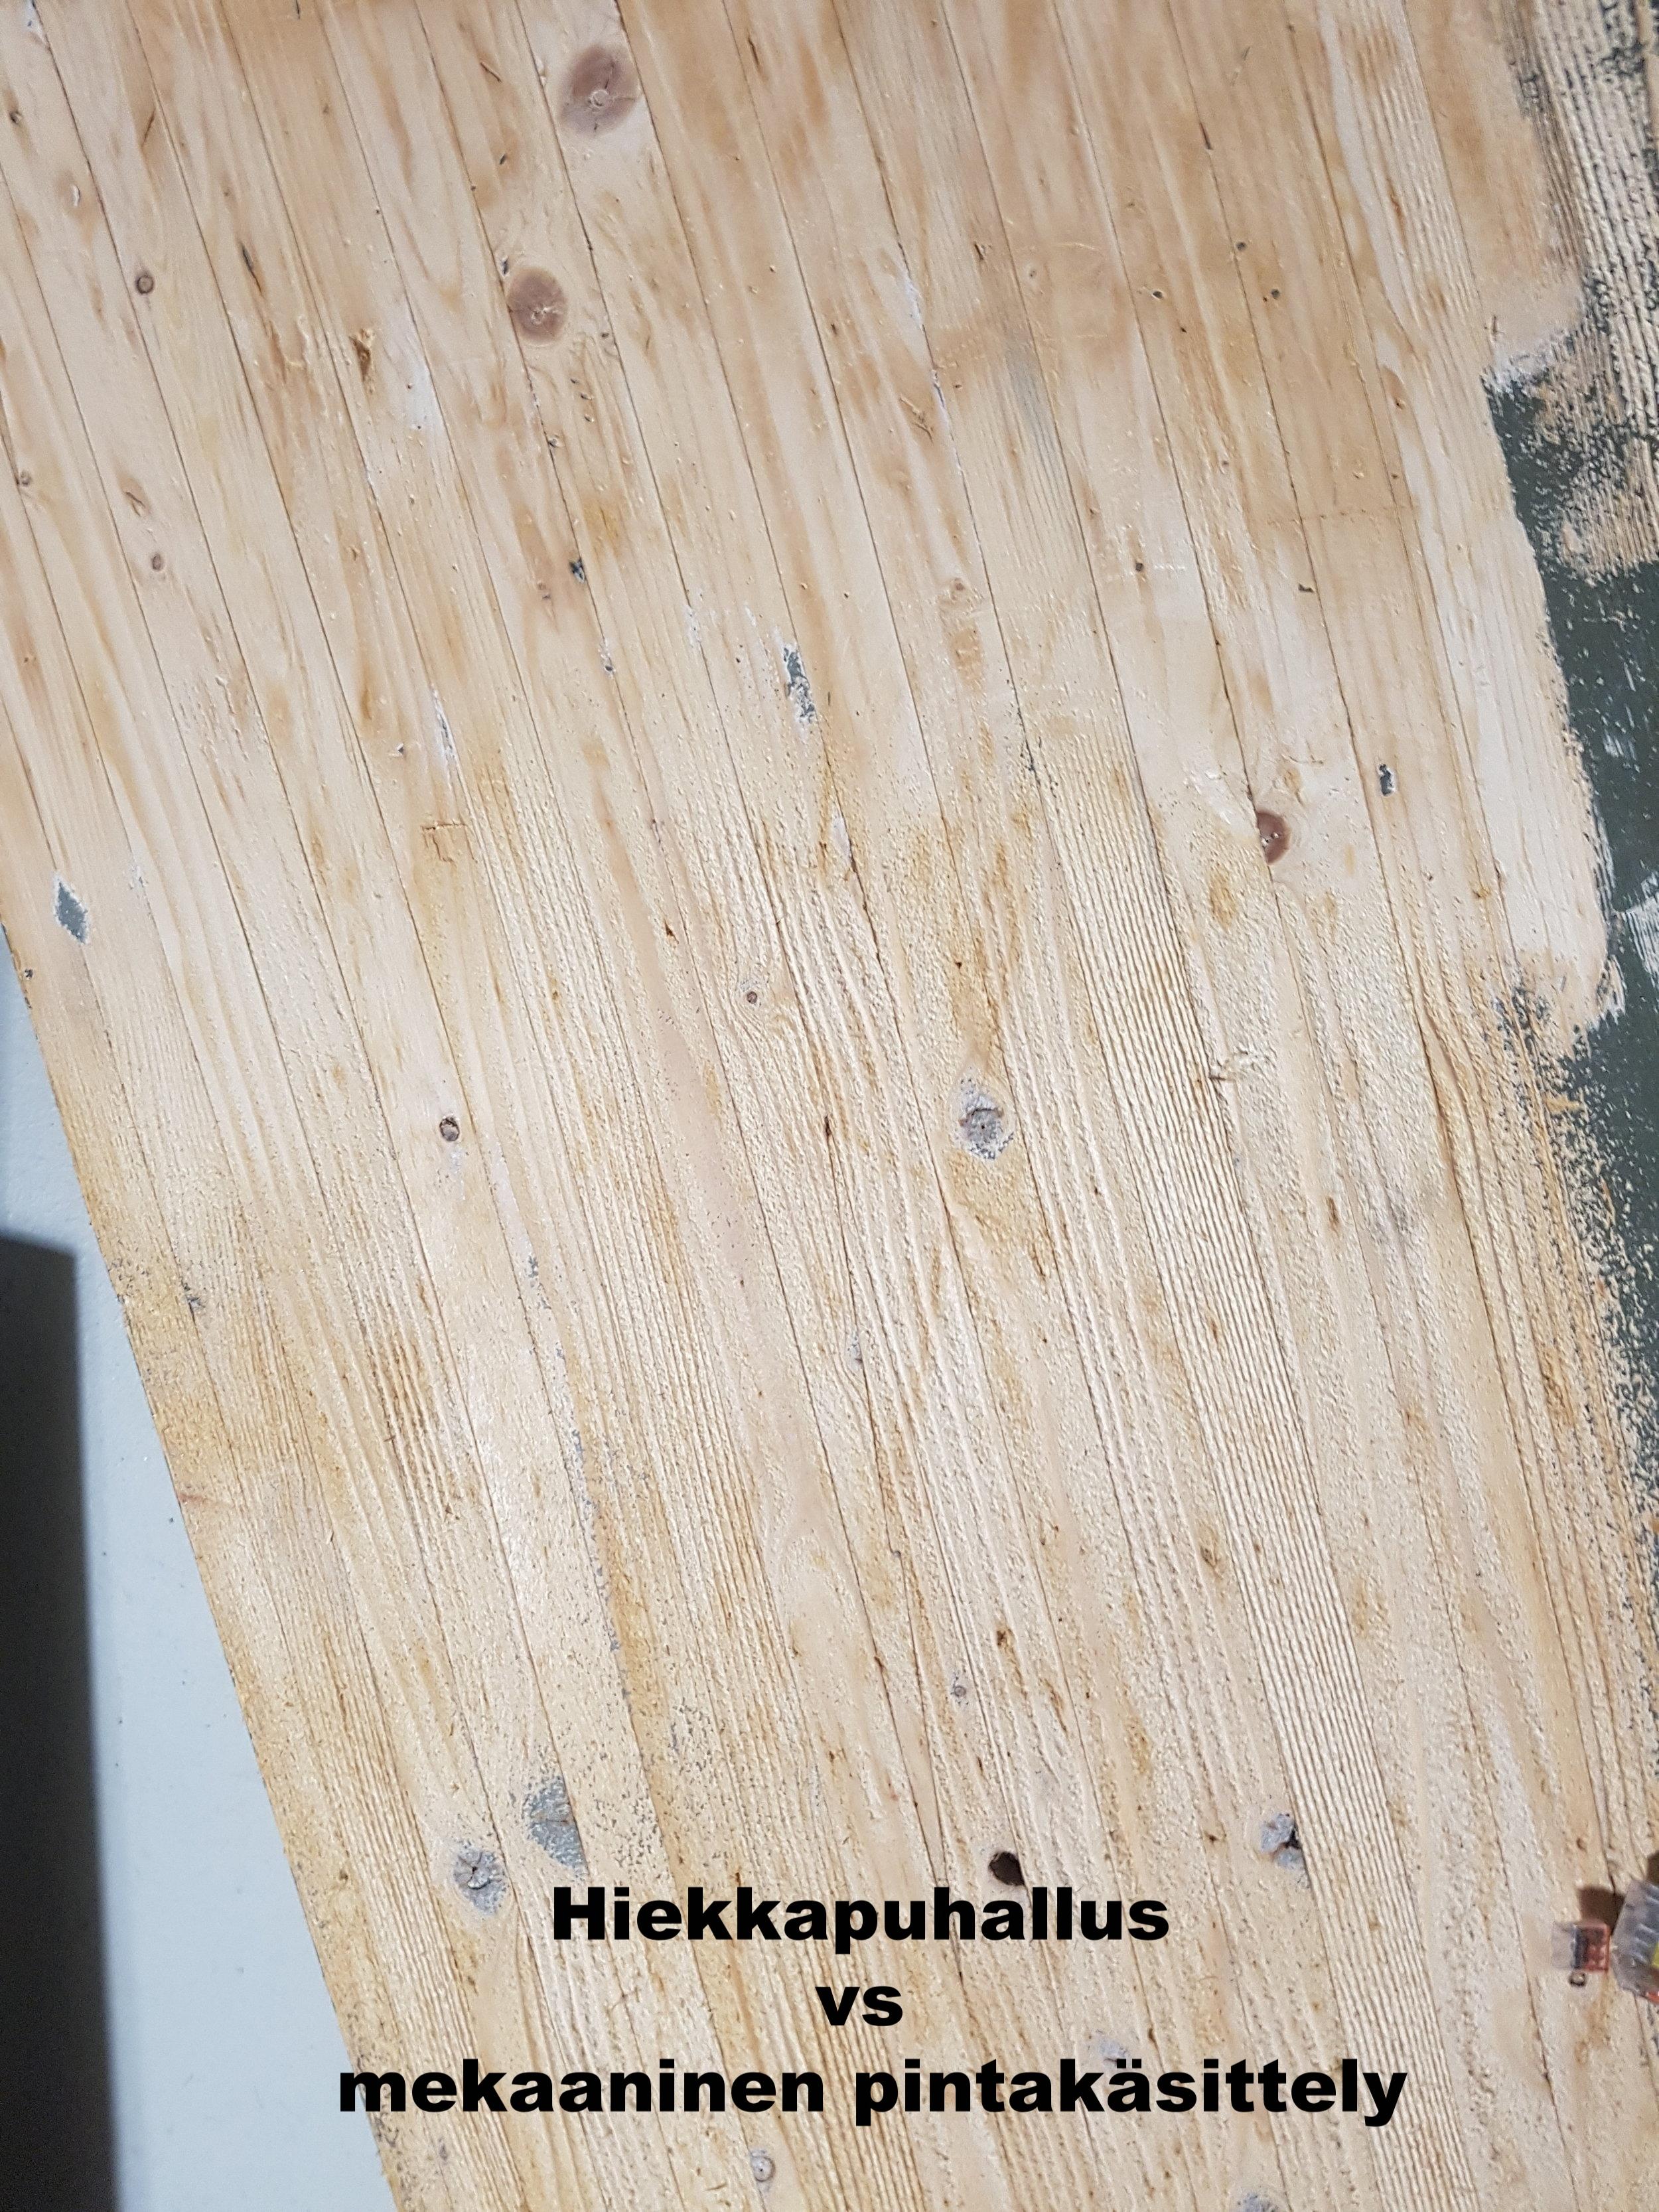 Sako riihimäki hiekkaäpuhallus vs mekaaninen käsittely.jpg